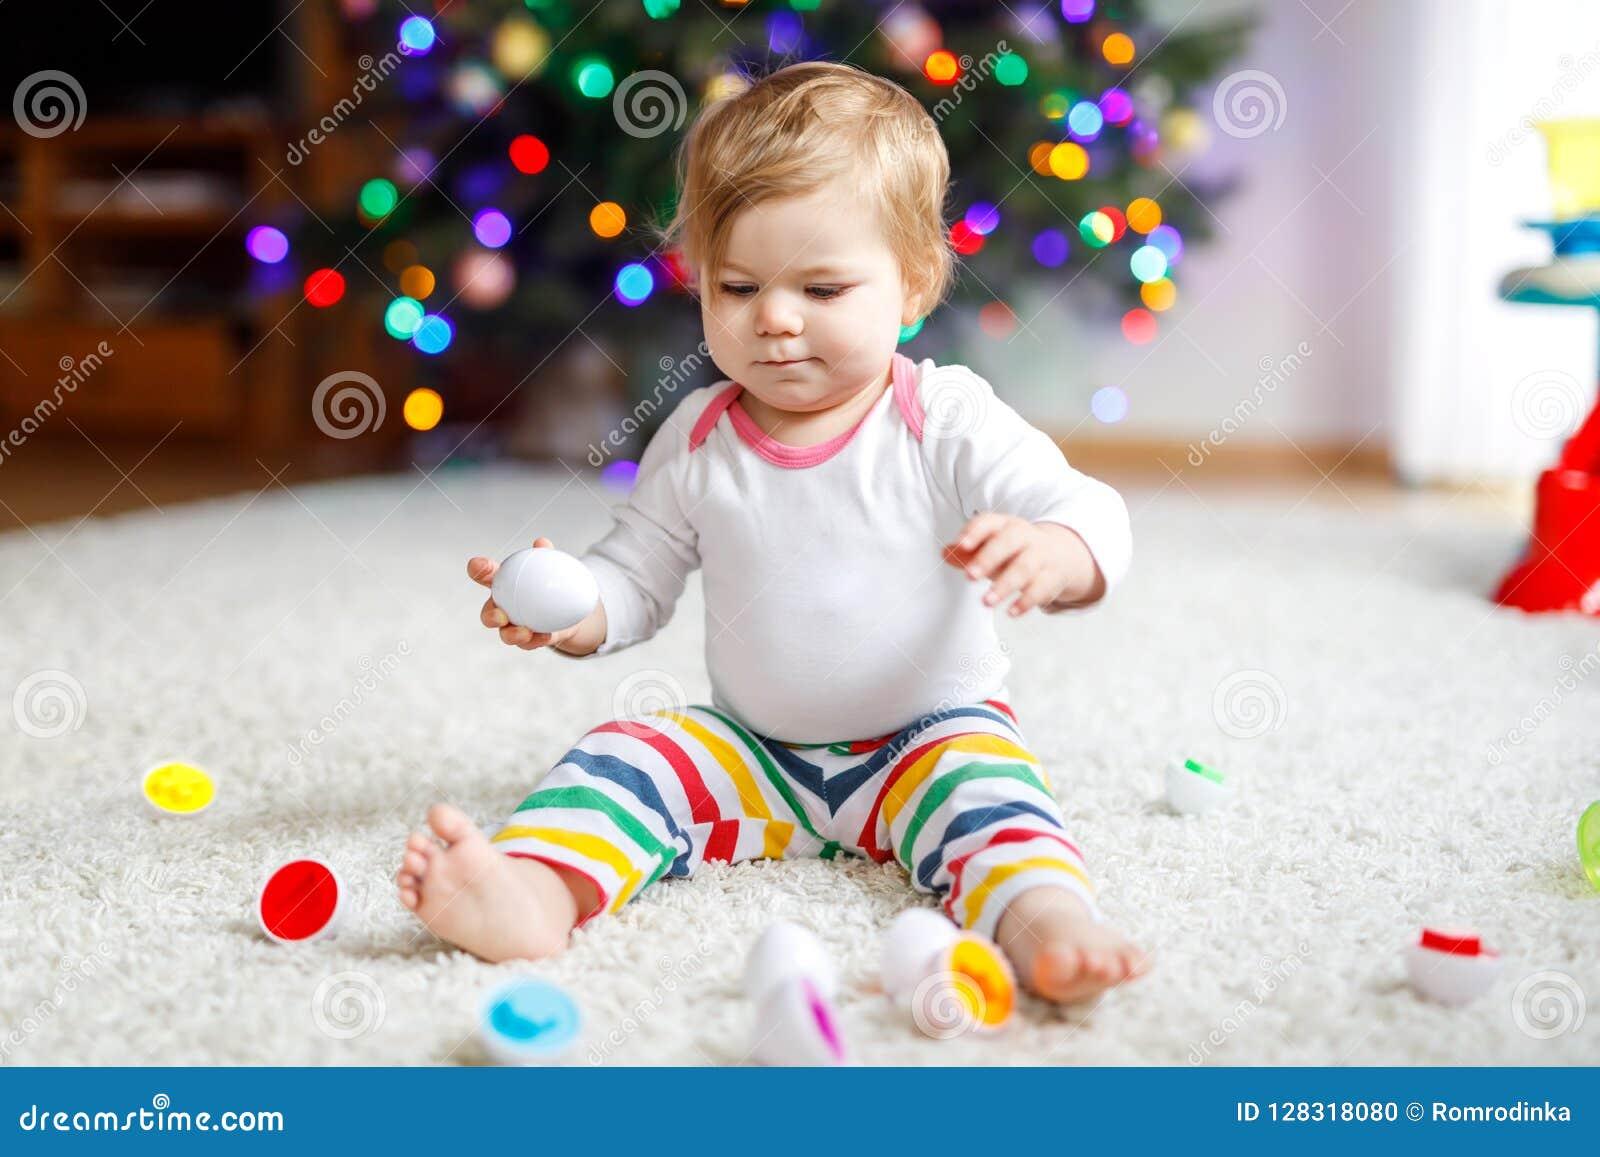 Entzückendes nettes schönes kleines Baby, das mit pädagogischem buntem Sortierboxspielzeug spielt